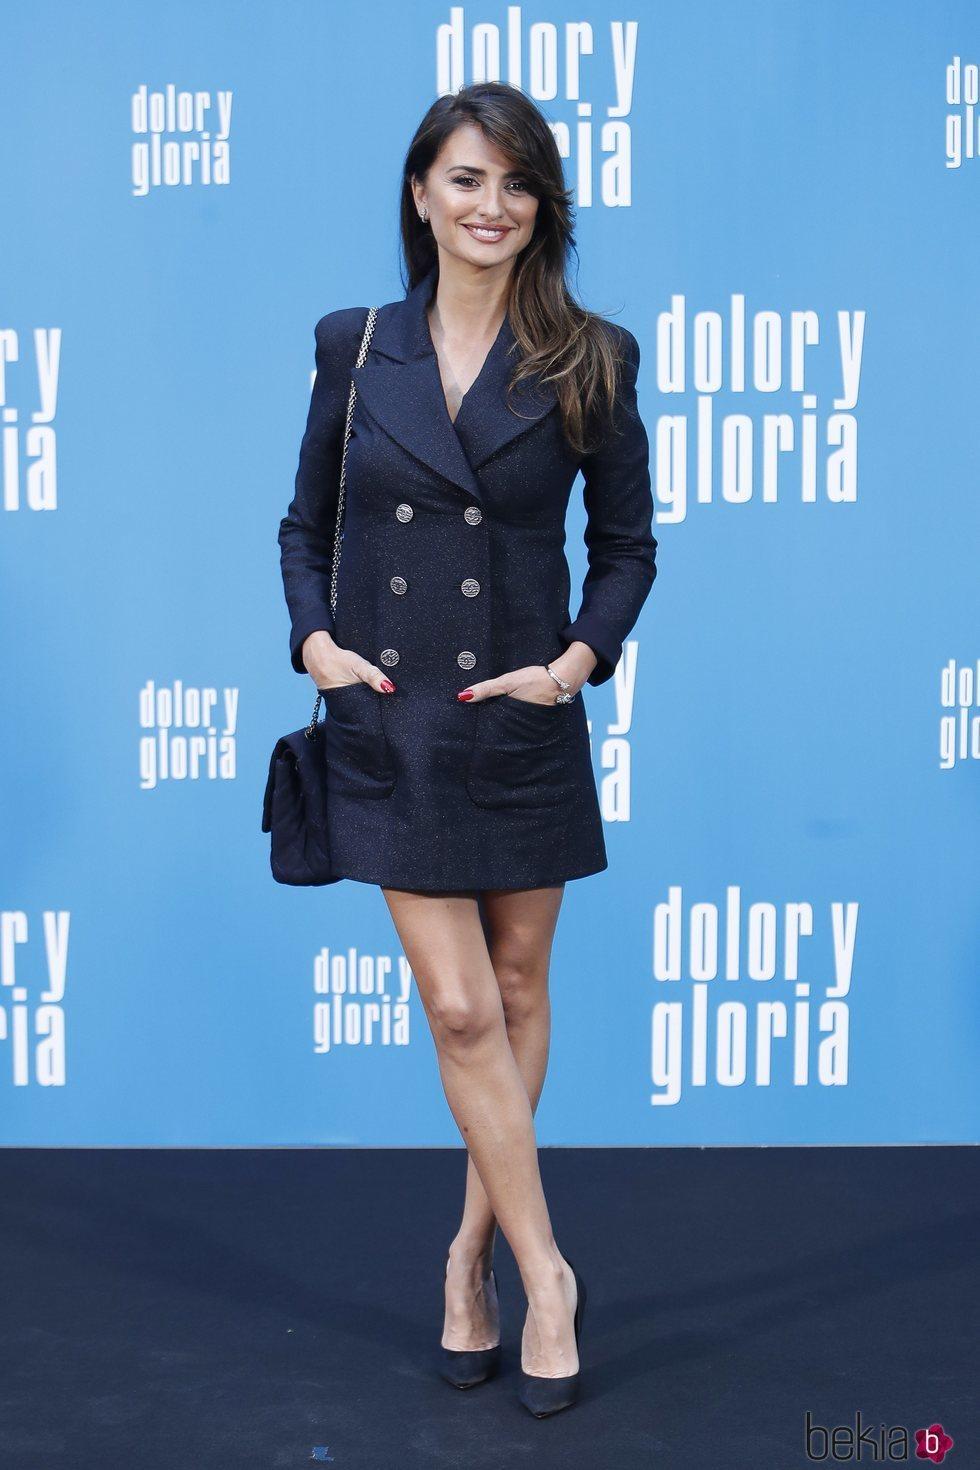 Penélope Cruz en la presentación de 'Dolor y gloria'